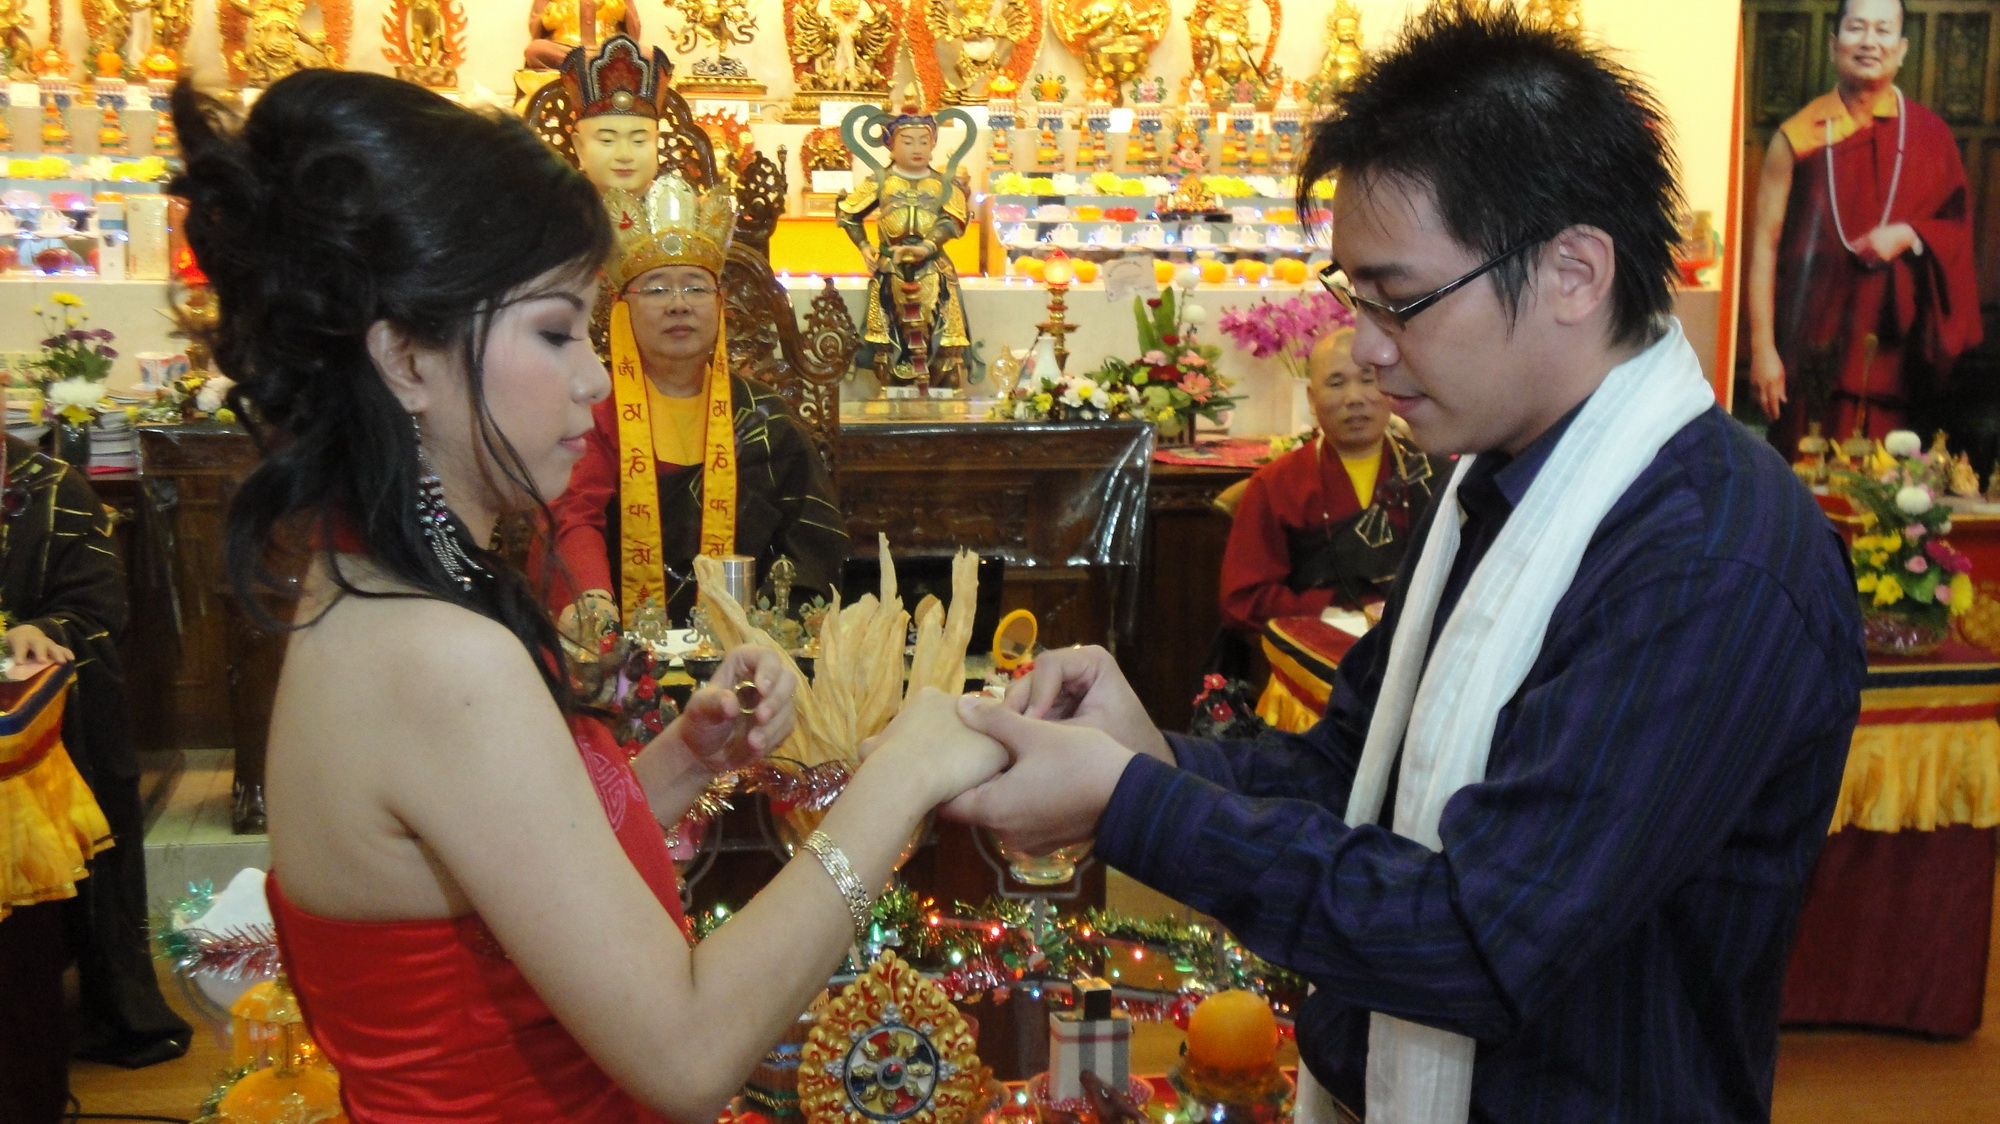 Salah Satu Proses Upacara Pemberkatan Pernikahan yaitu Saling Menukar Cincin